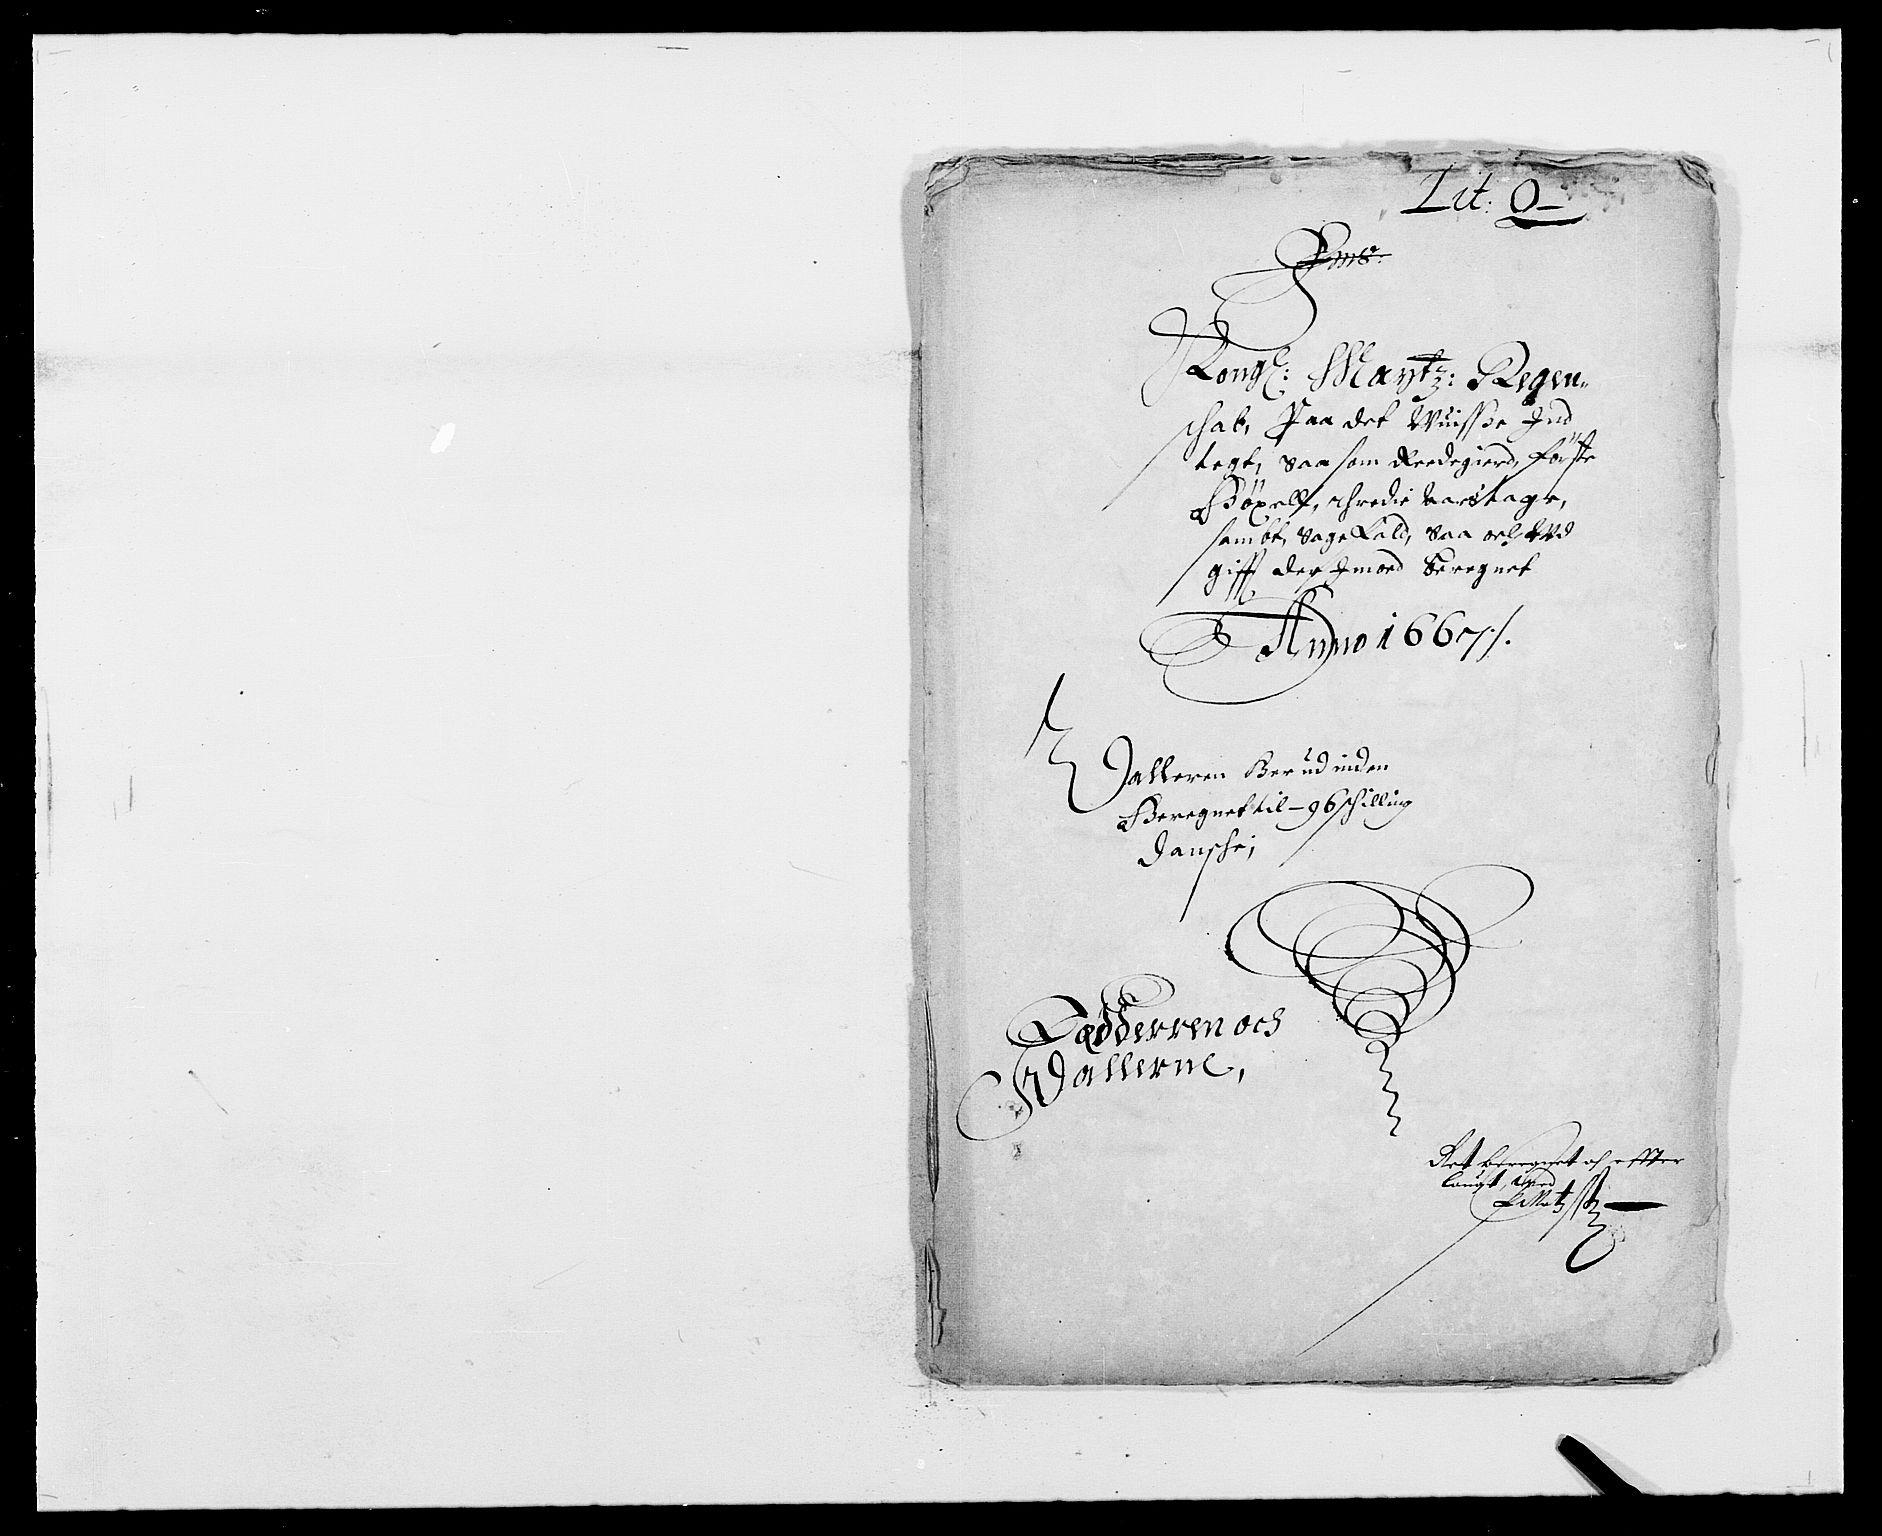 RA, Rentekammeret inntil 1814, Reviderte regnskaper, Fogderegnskap, R46/L2710: Fogderegnskap Jæren og Dalane, 1667, s. 177